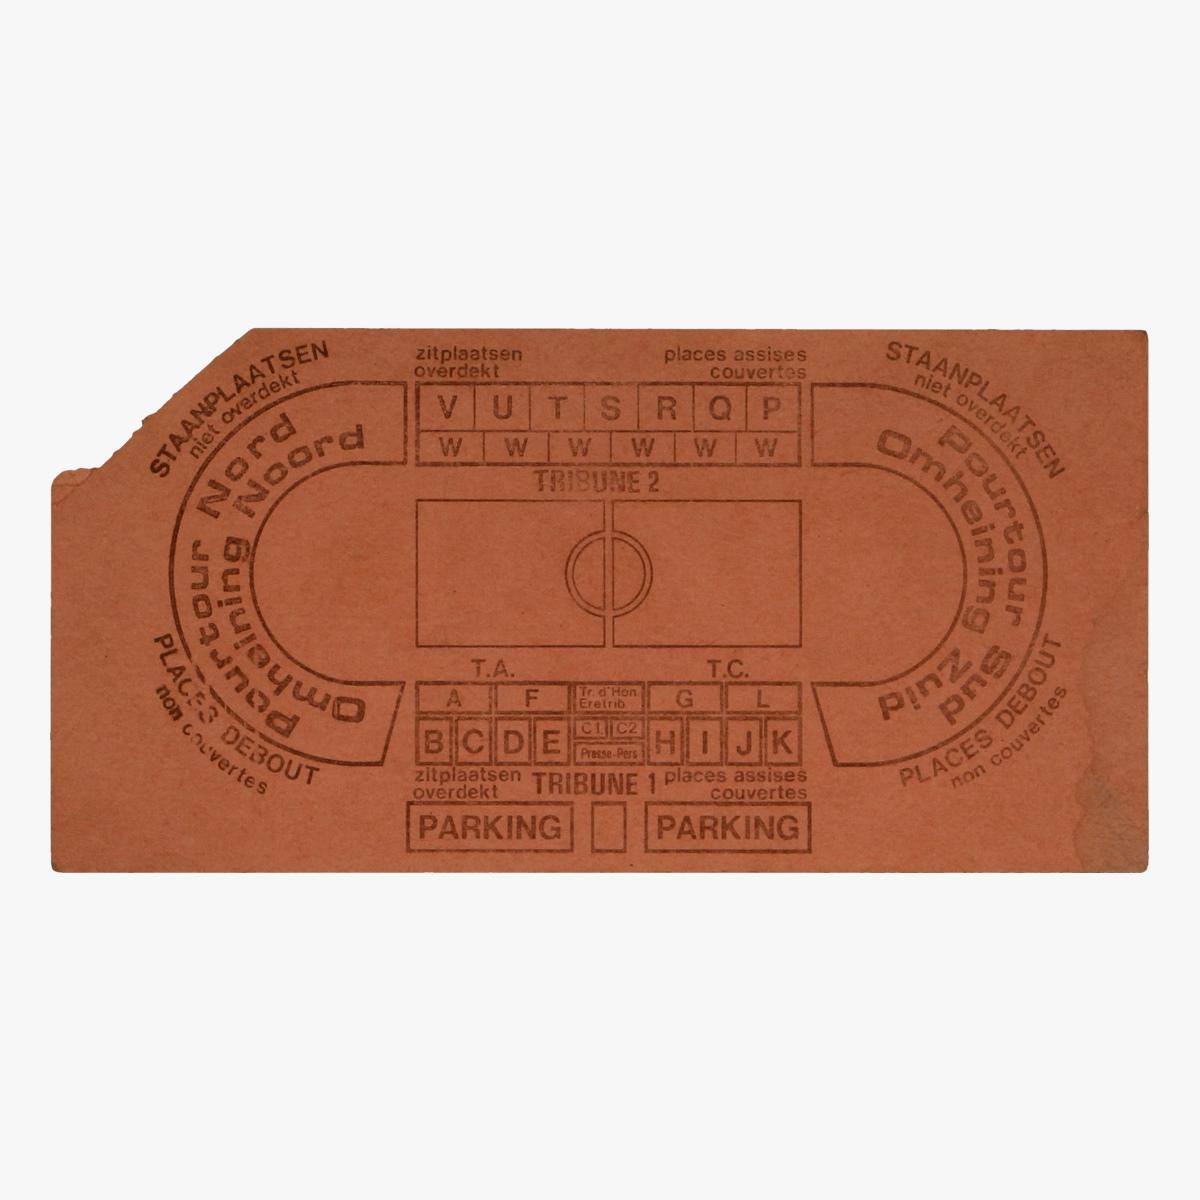 Afbeeldingen van voetbal ticket belgie - bulgarije heizelstadion 1986